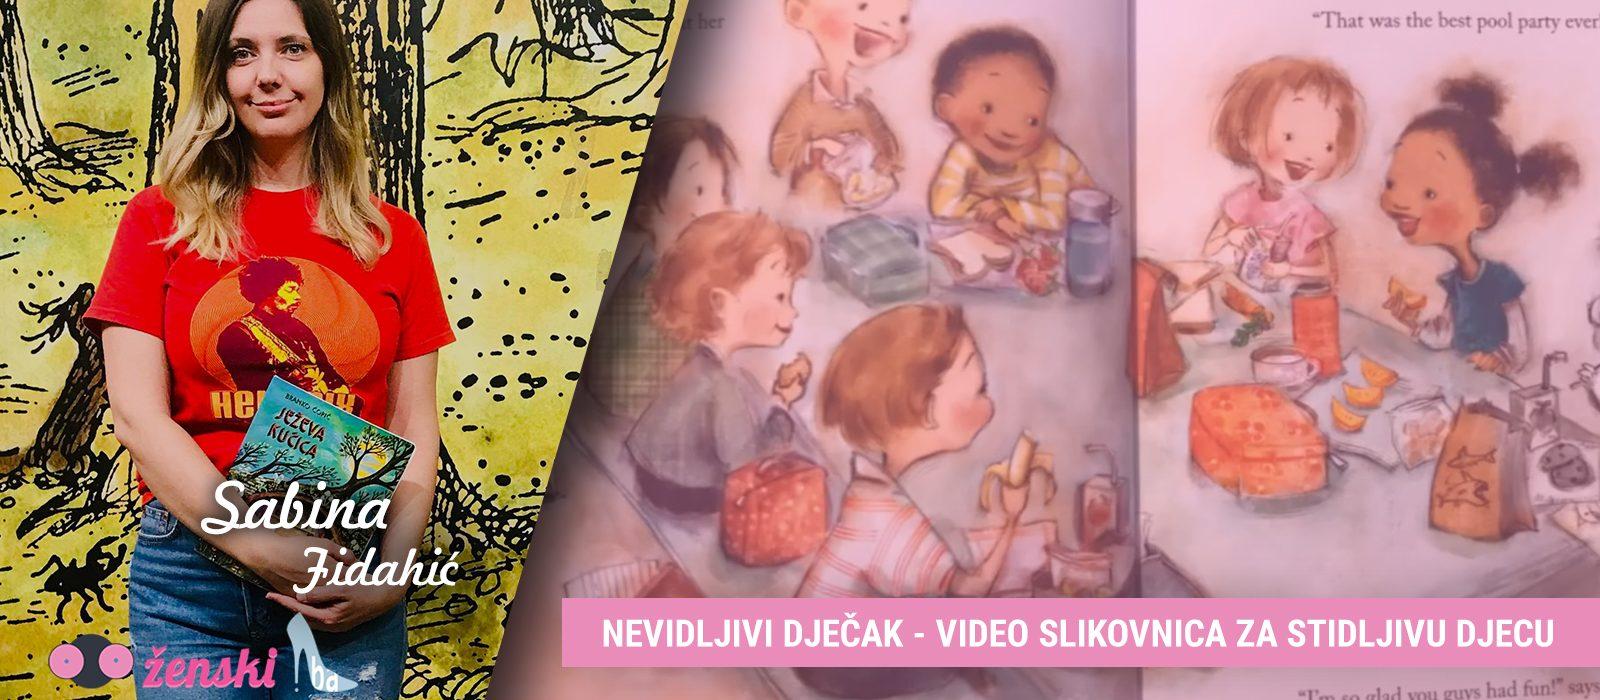 PRIČE ZA DJECU – Nevidljivi dječak – video slikovnica za stidljivu djecu